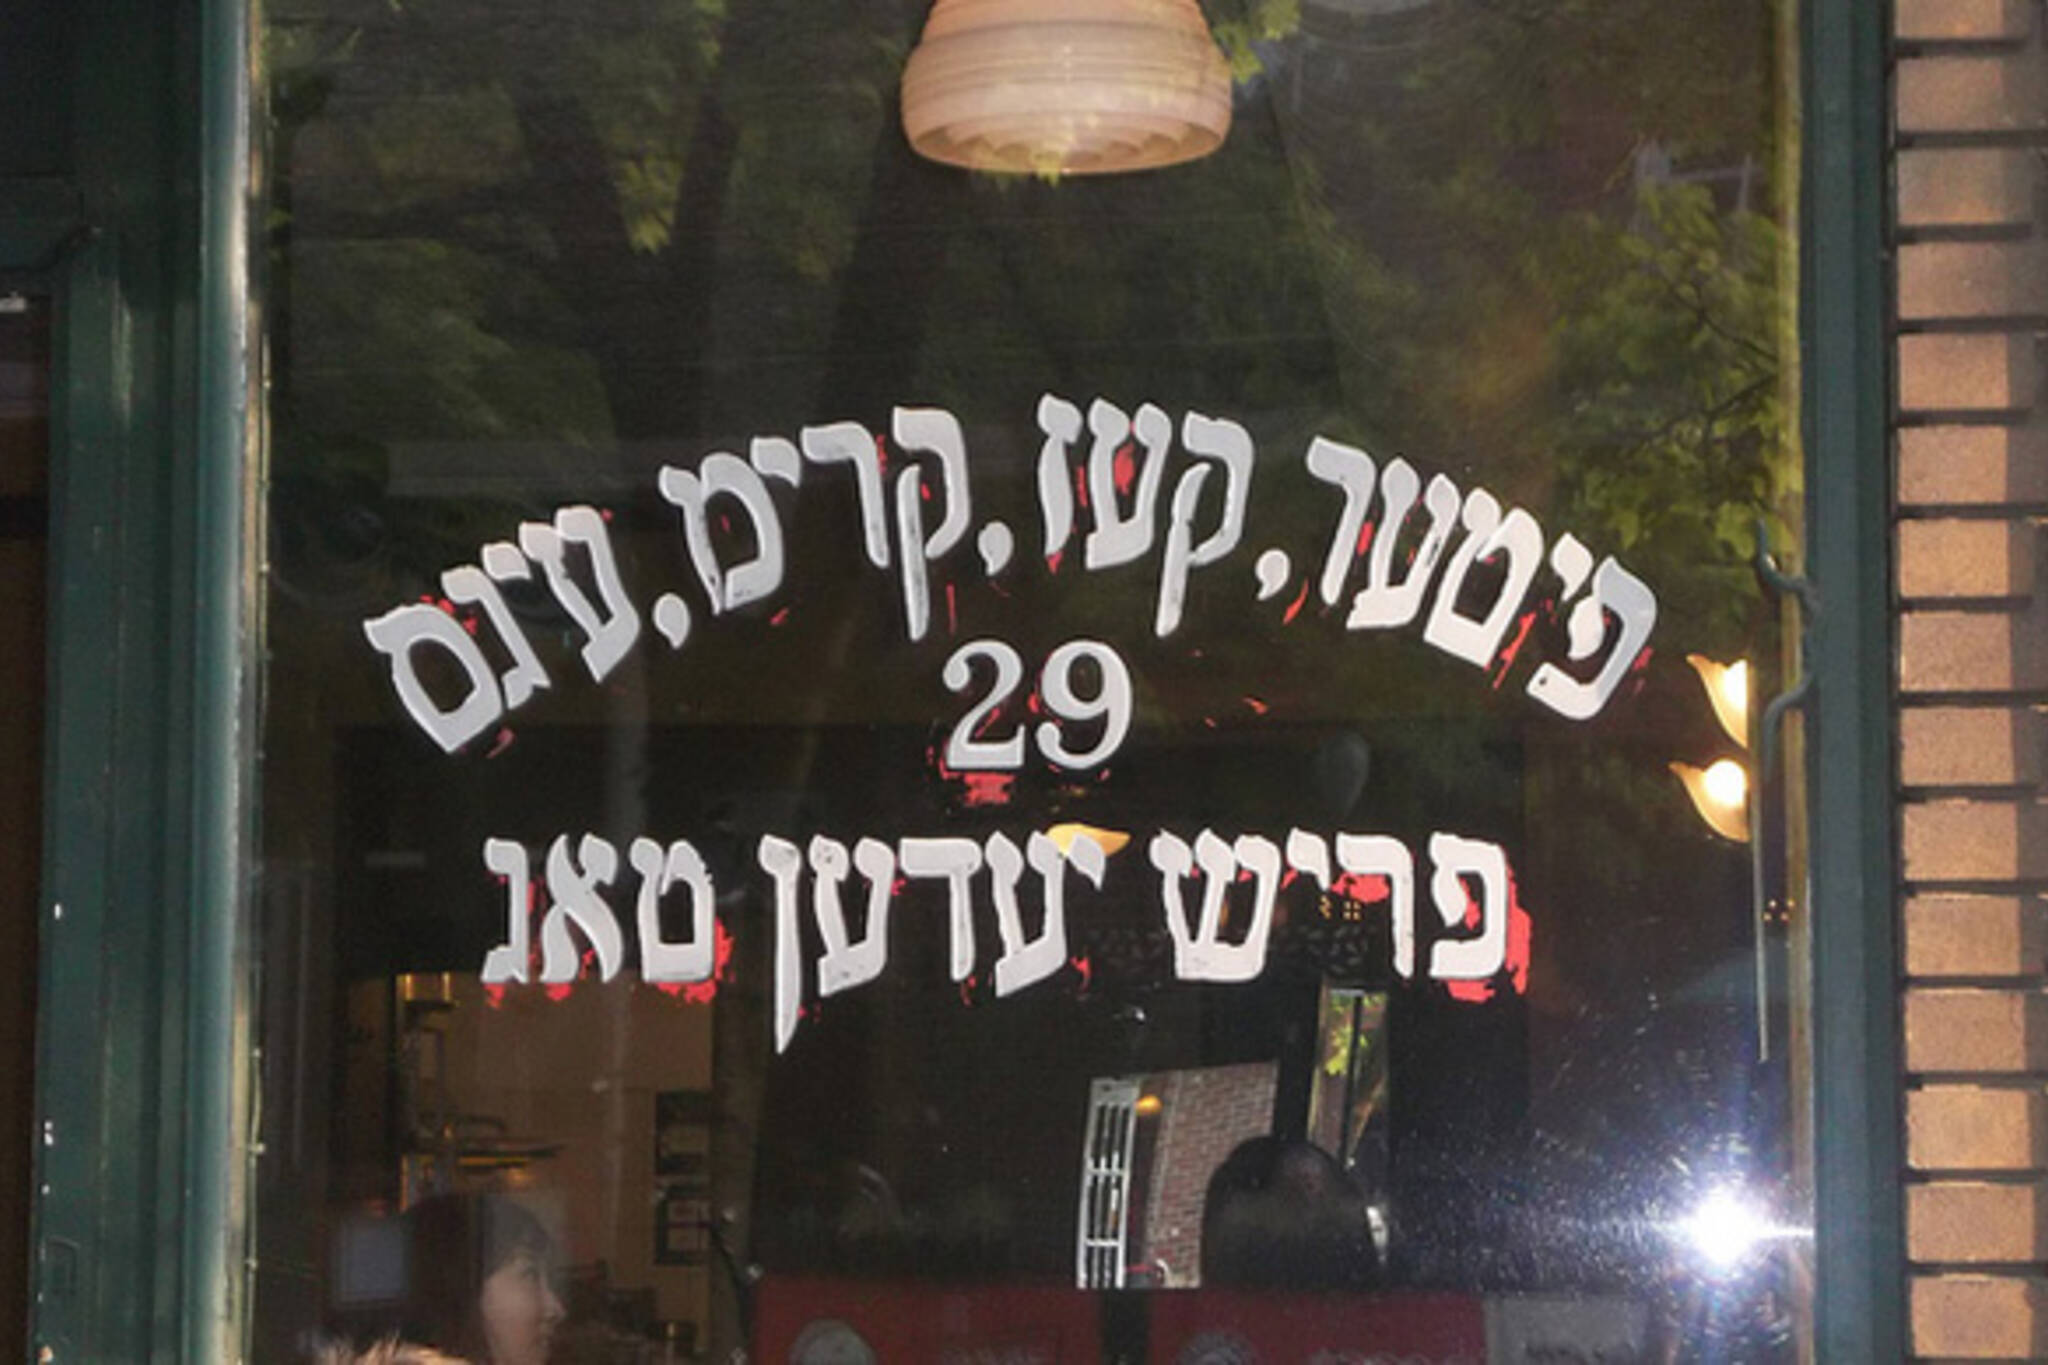 yiddish toronto